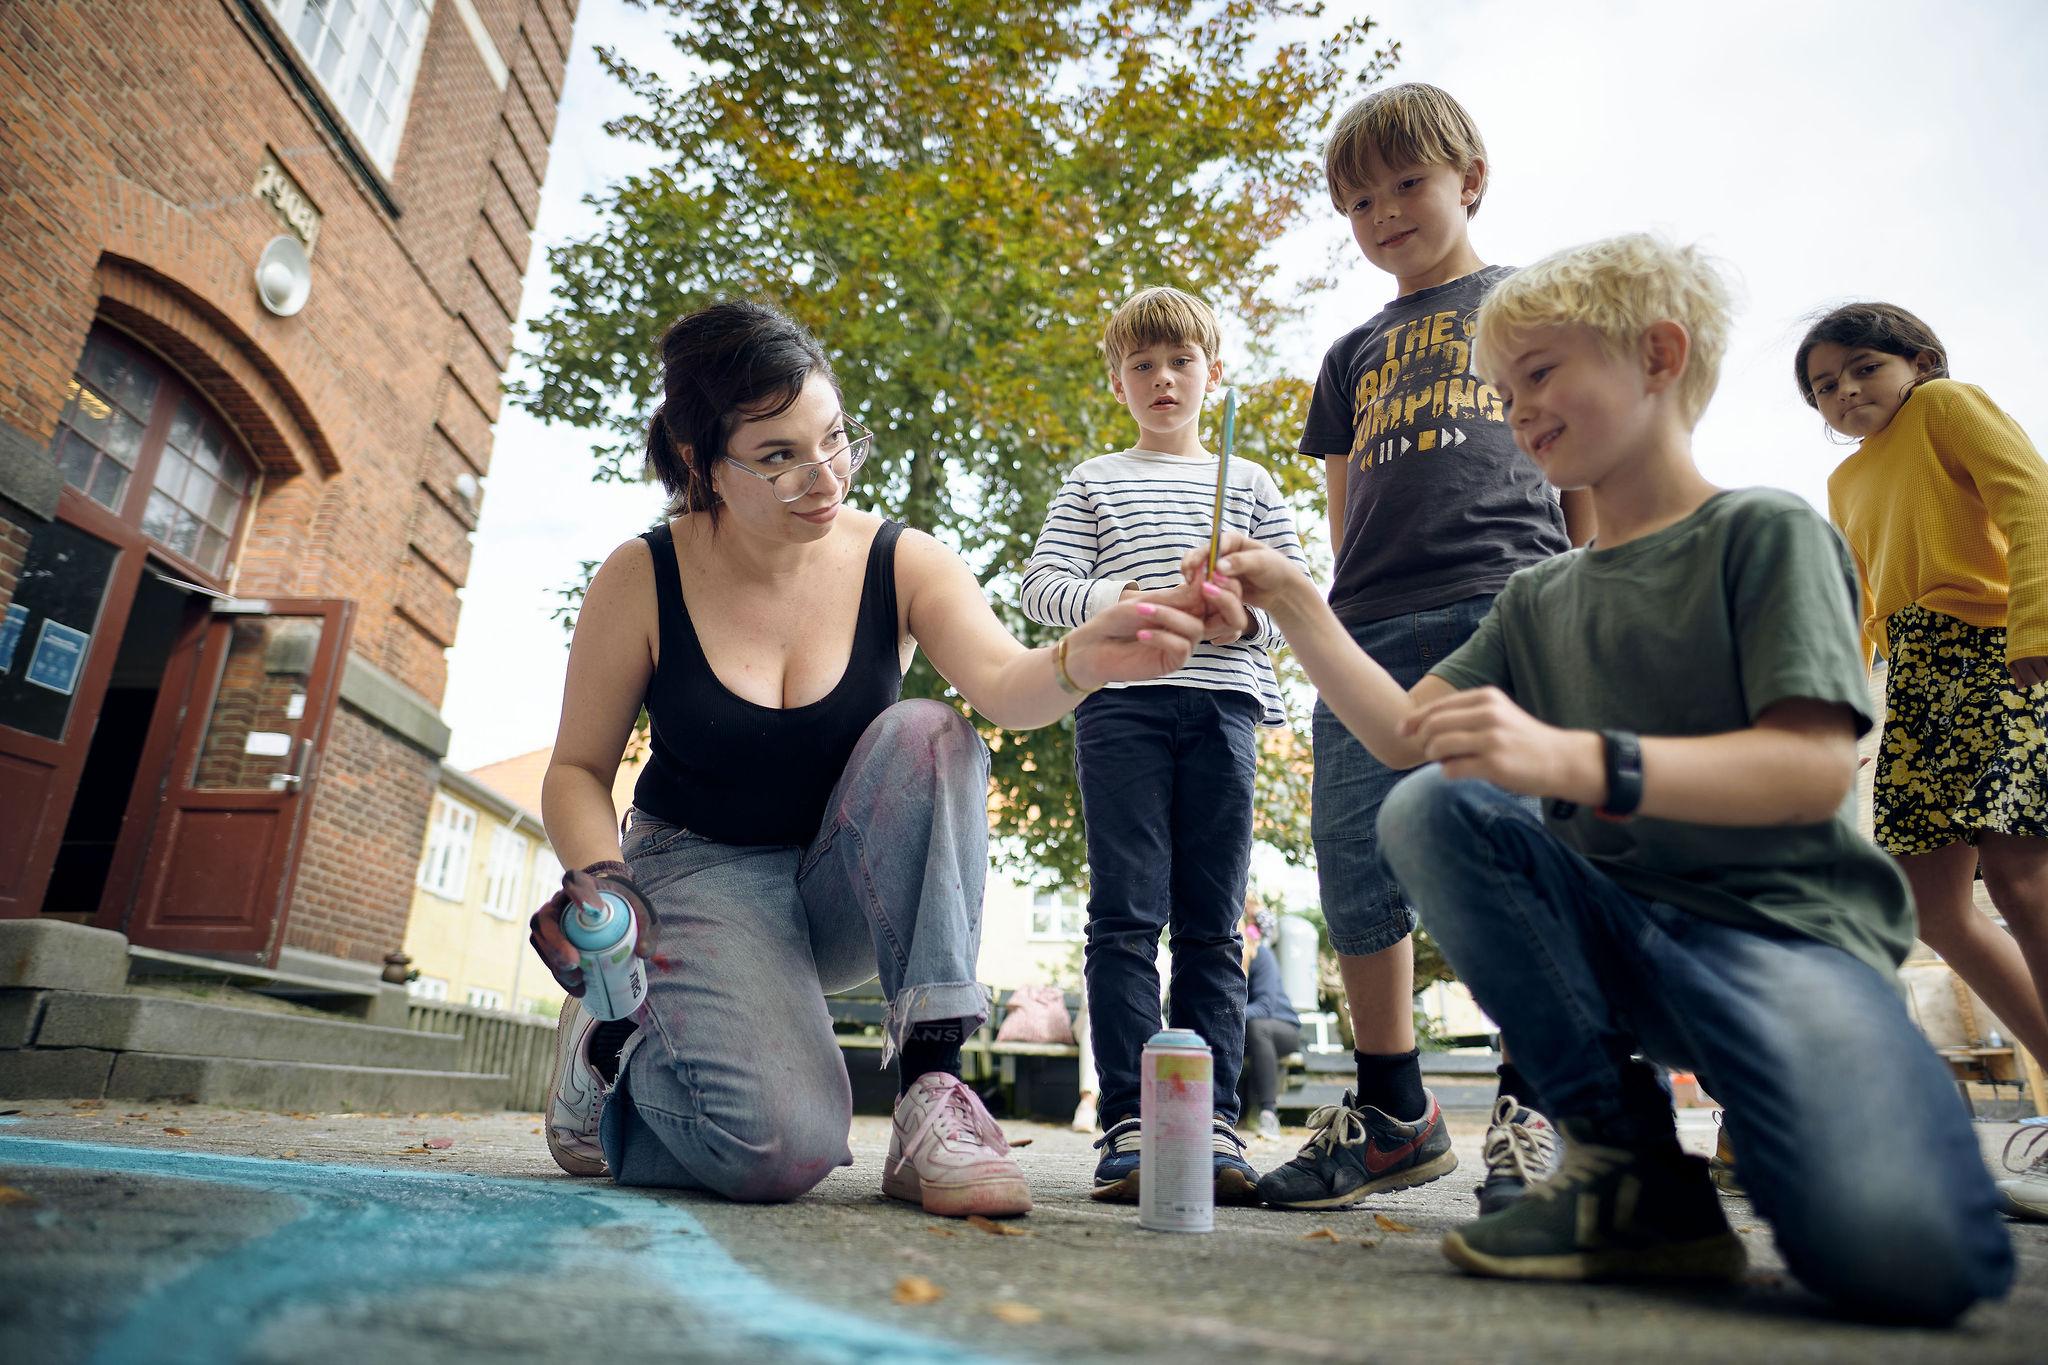 Ny kulturaftale: Mere kultur for børn og unge i Trekantområdet